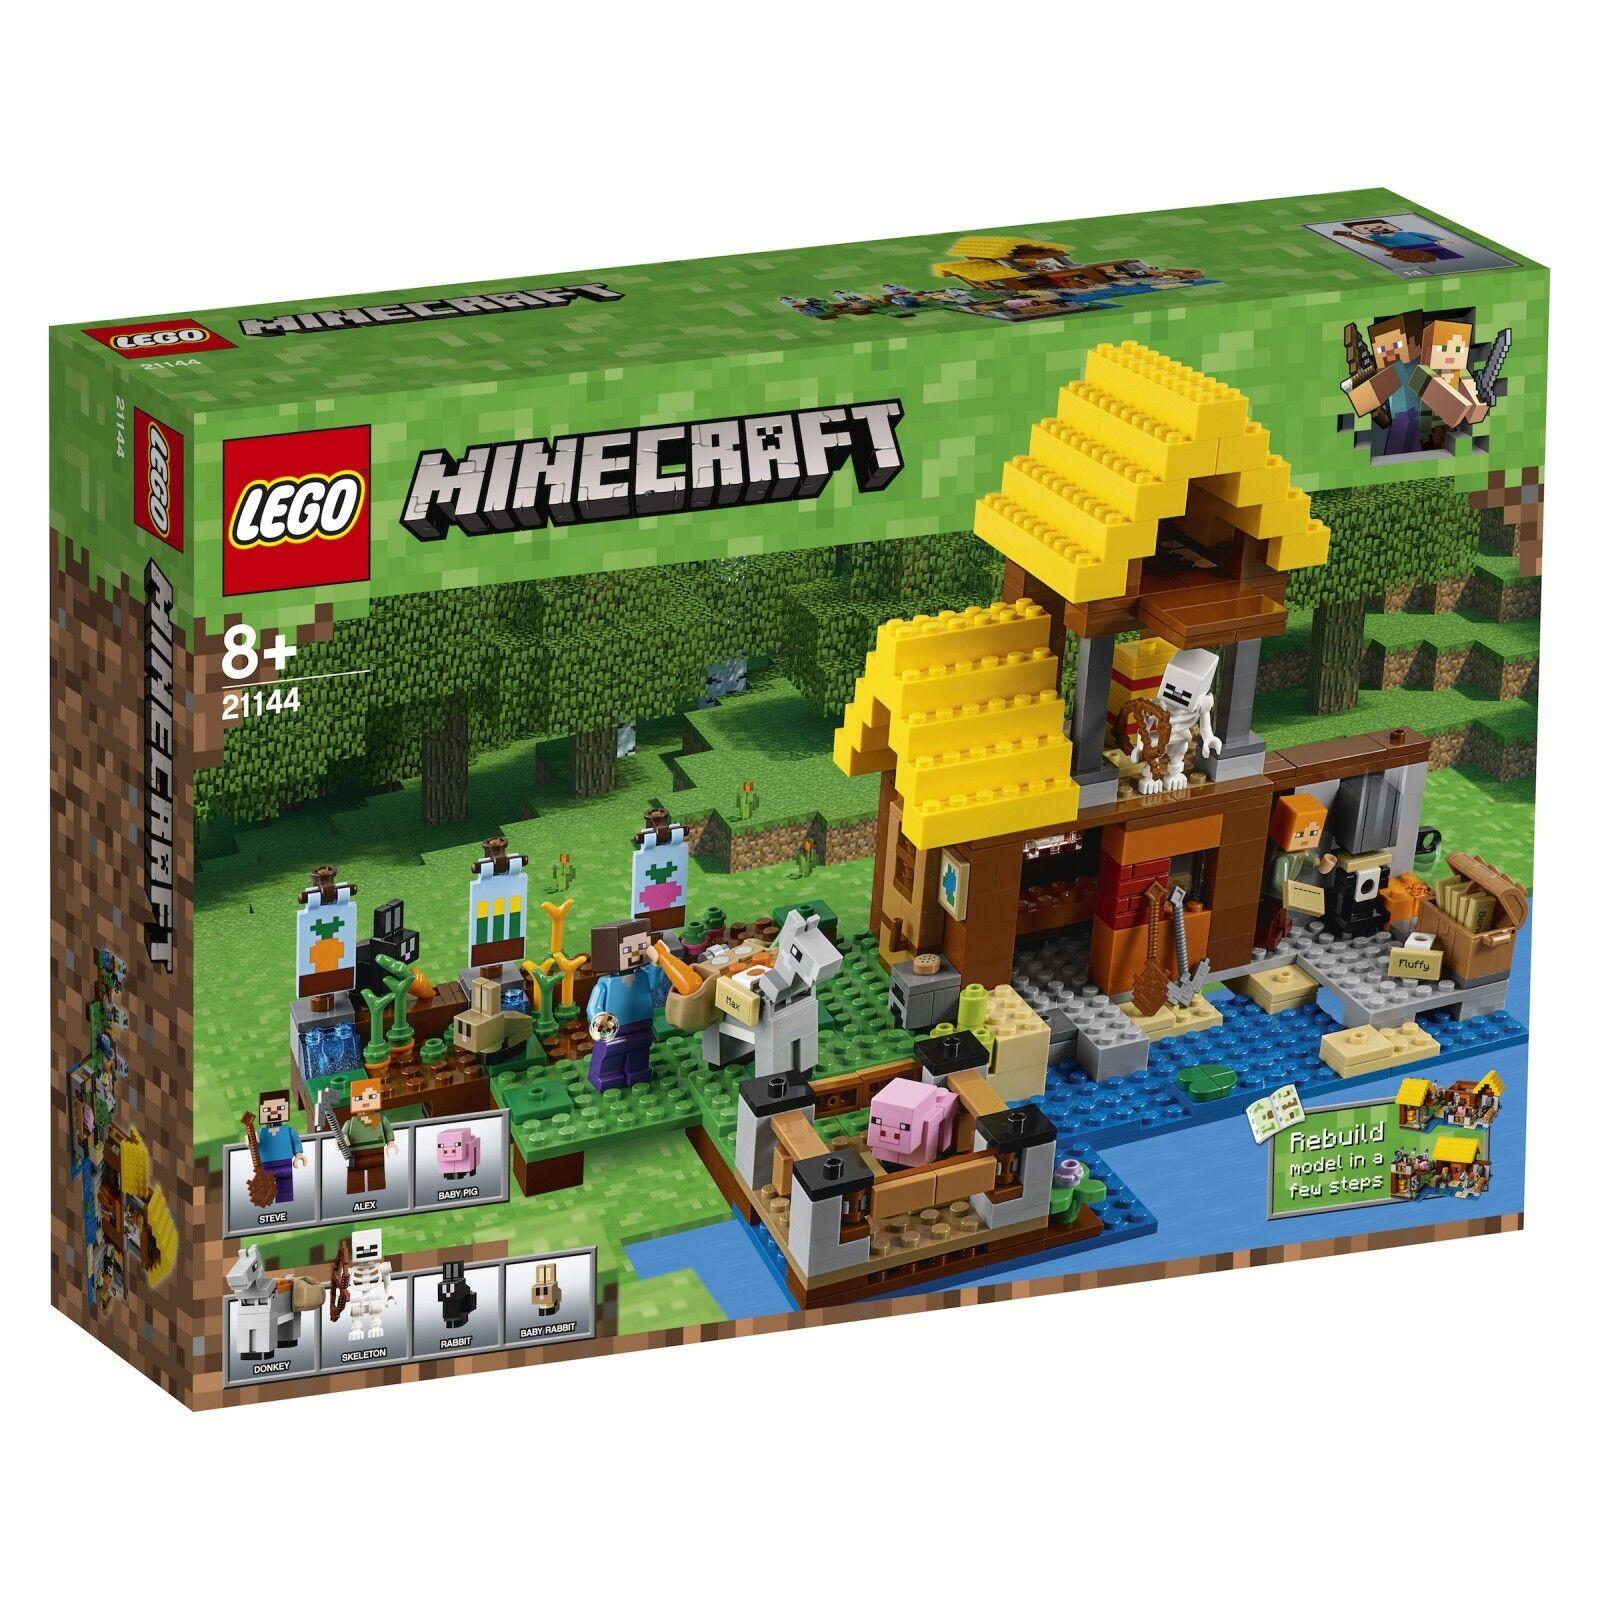 LEGO ® Minecraft ™ 21144 farmhäuschen Nouveau neuf dans sa boîte _ THE FARM Cottage NEW En parfait état, dans sa boîte scellée Boîte d'origine jamais ouverte